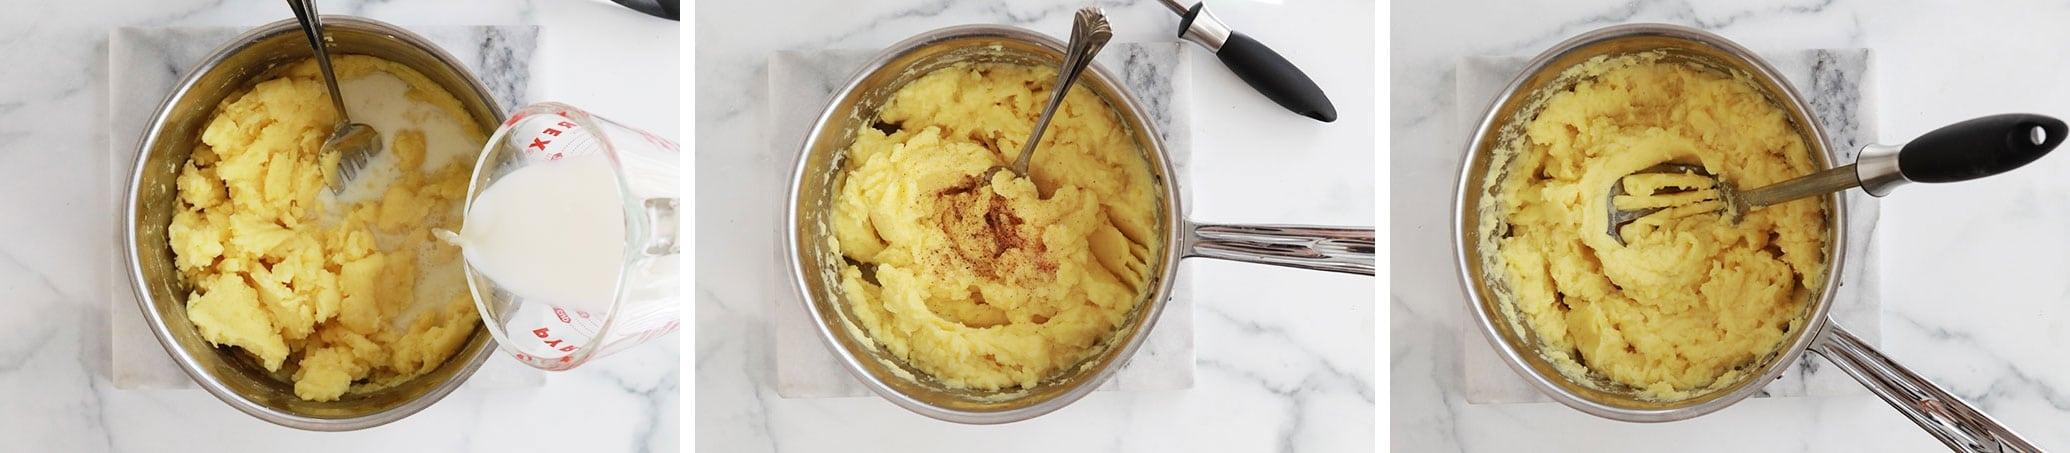 Ajouter le lait chaud puiis la noix de muscade sel et poivre